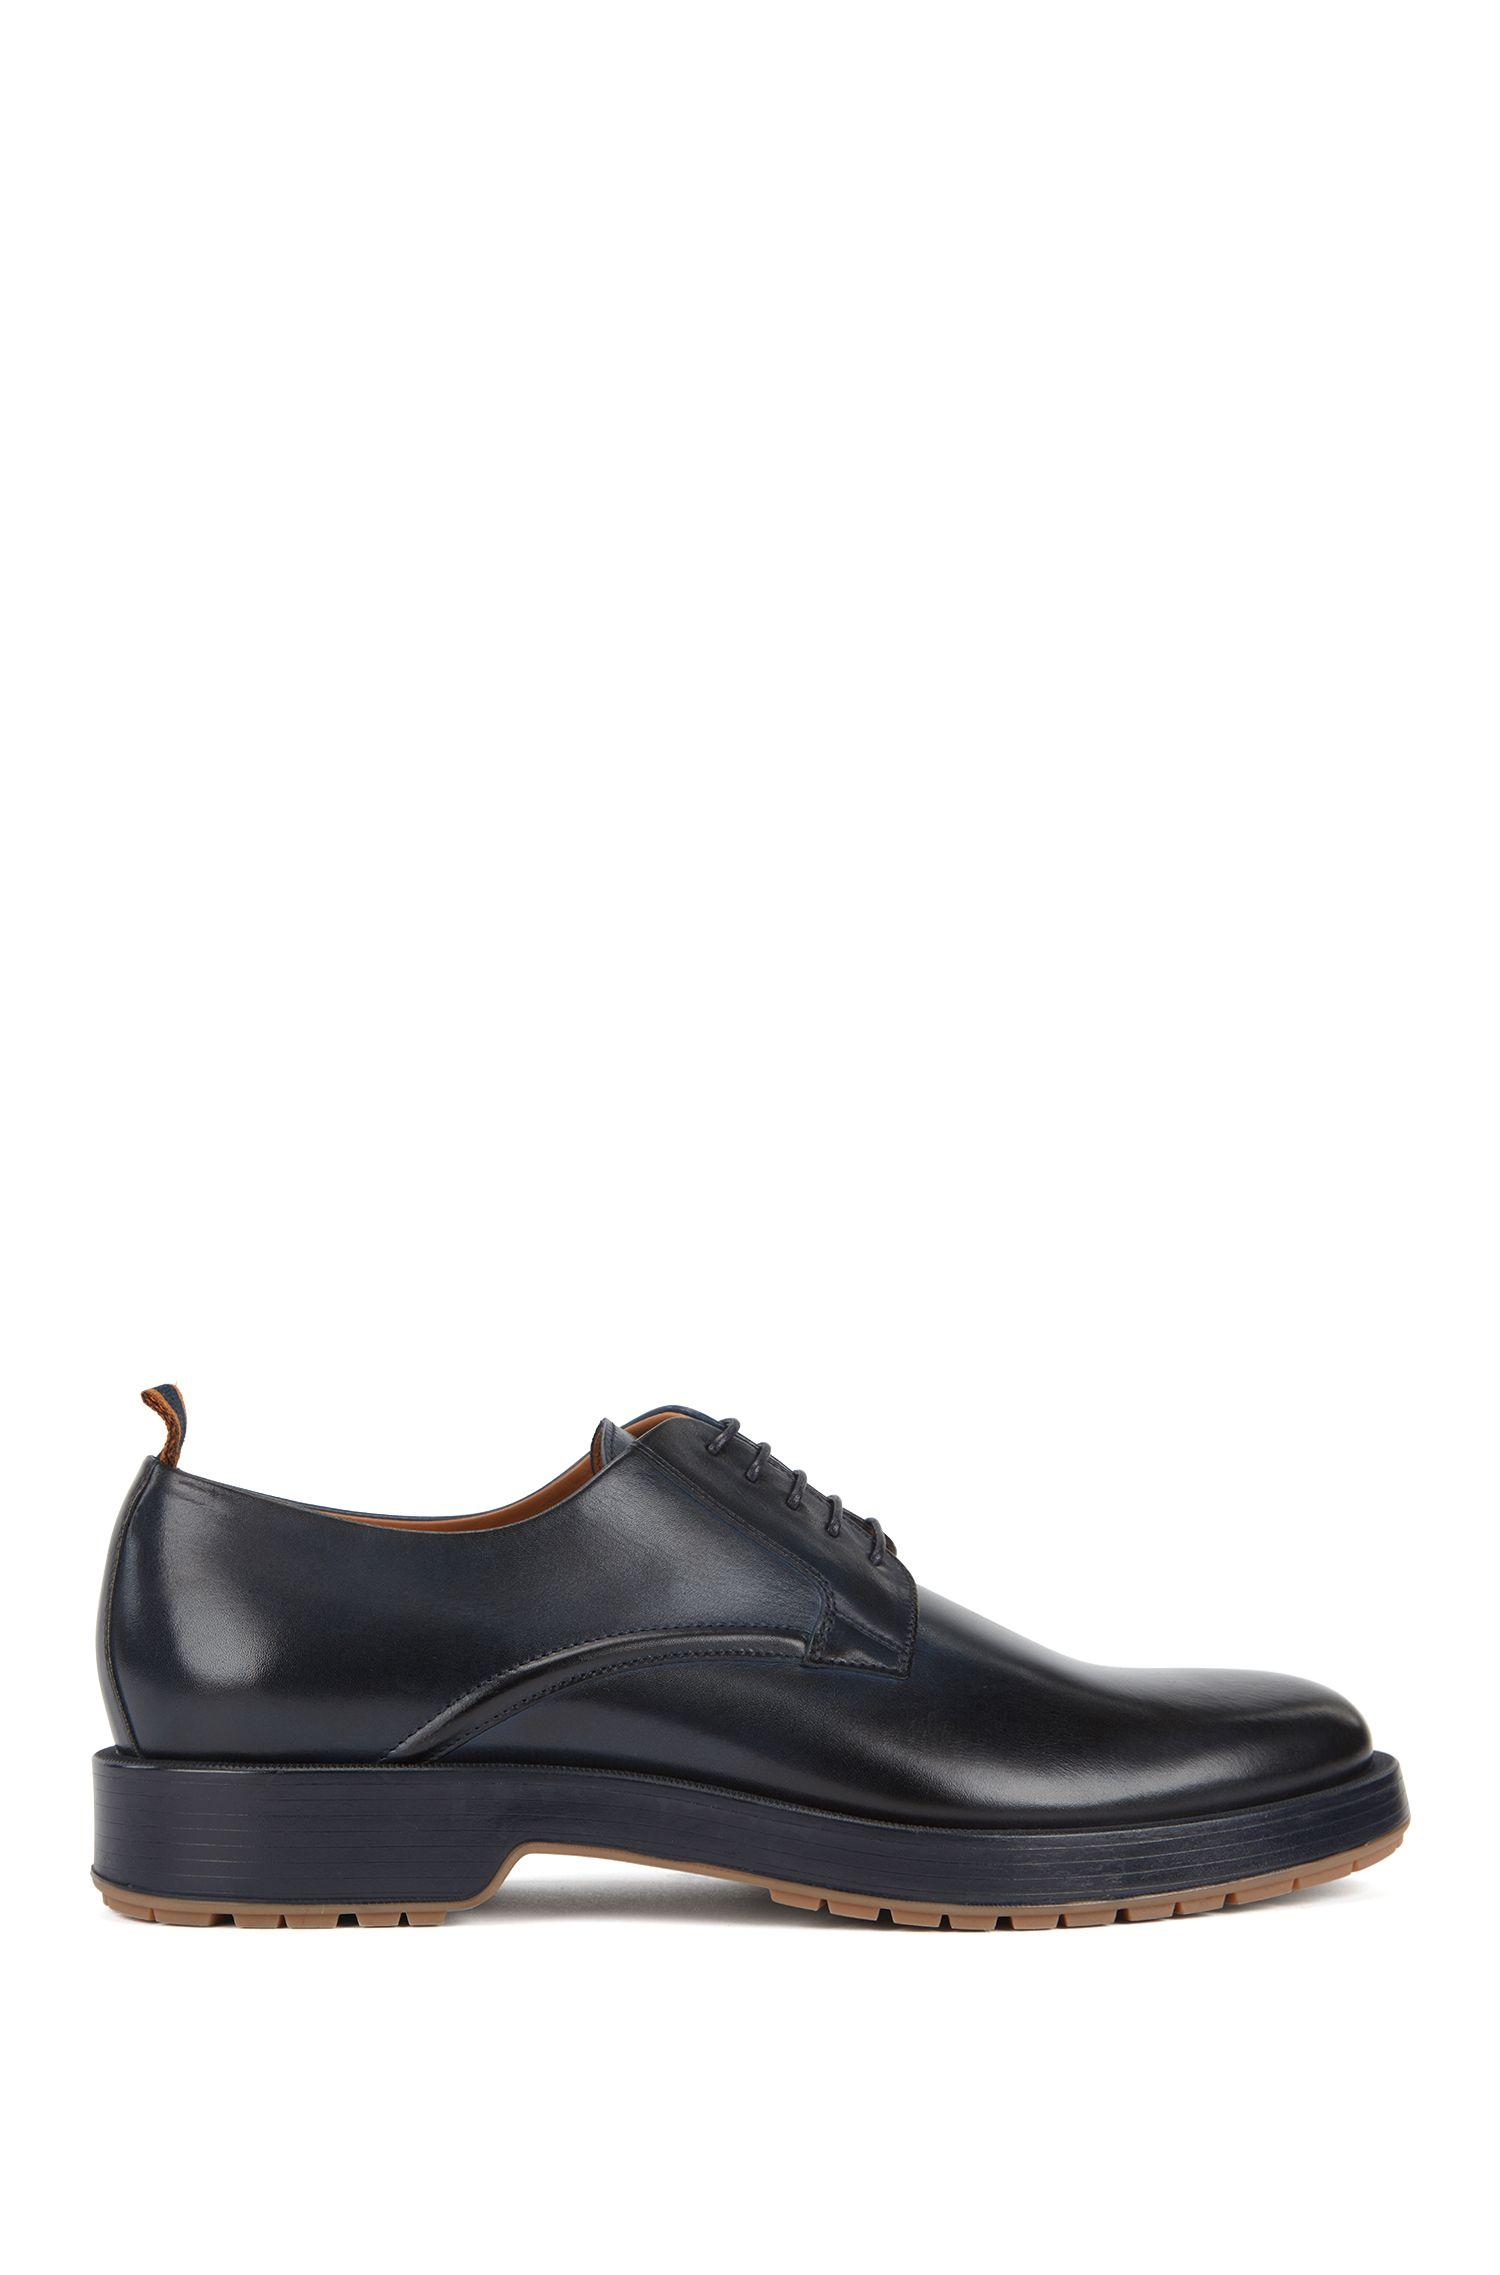 Chaussures derby en cuir de veau poli, avec semelle crantée, Bleu